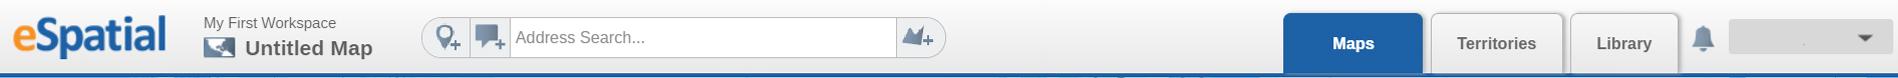 eSpatial toolbar